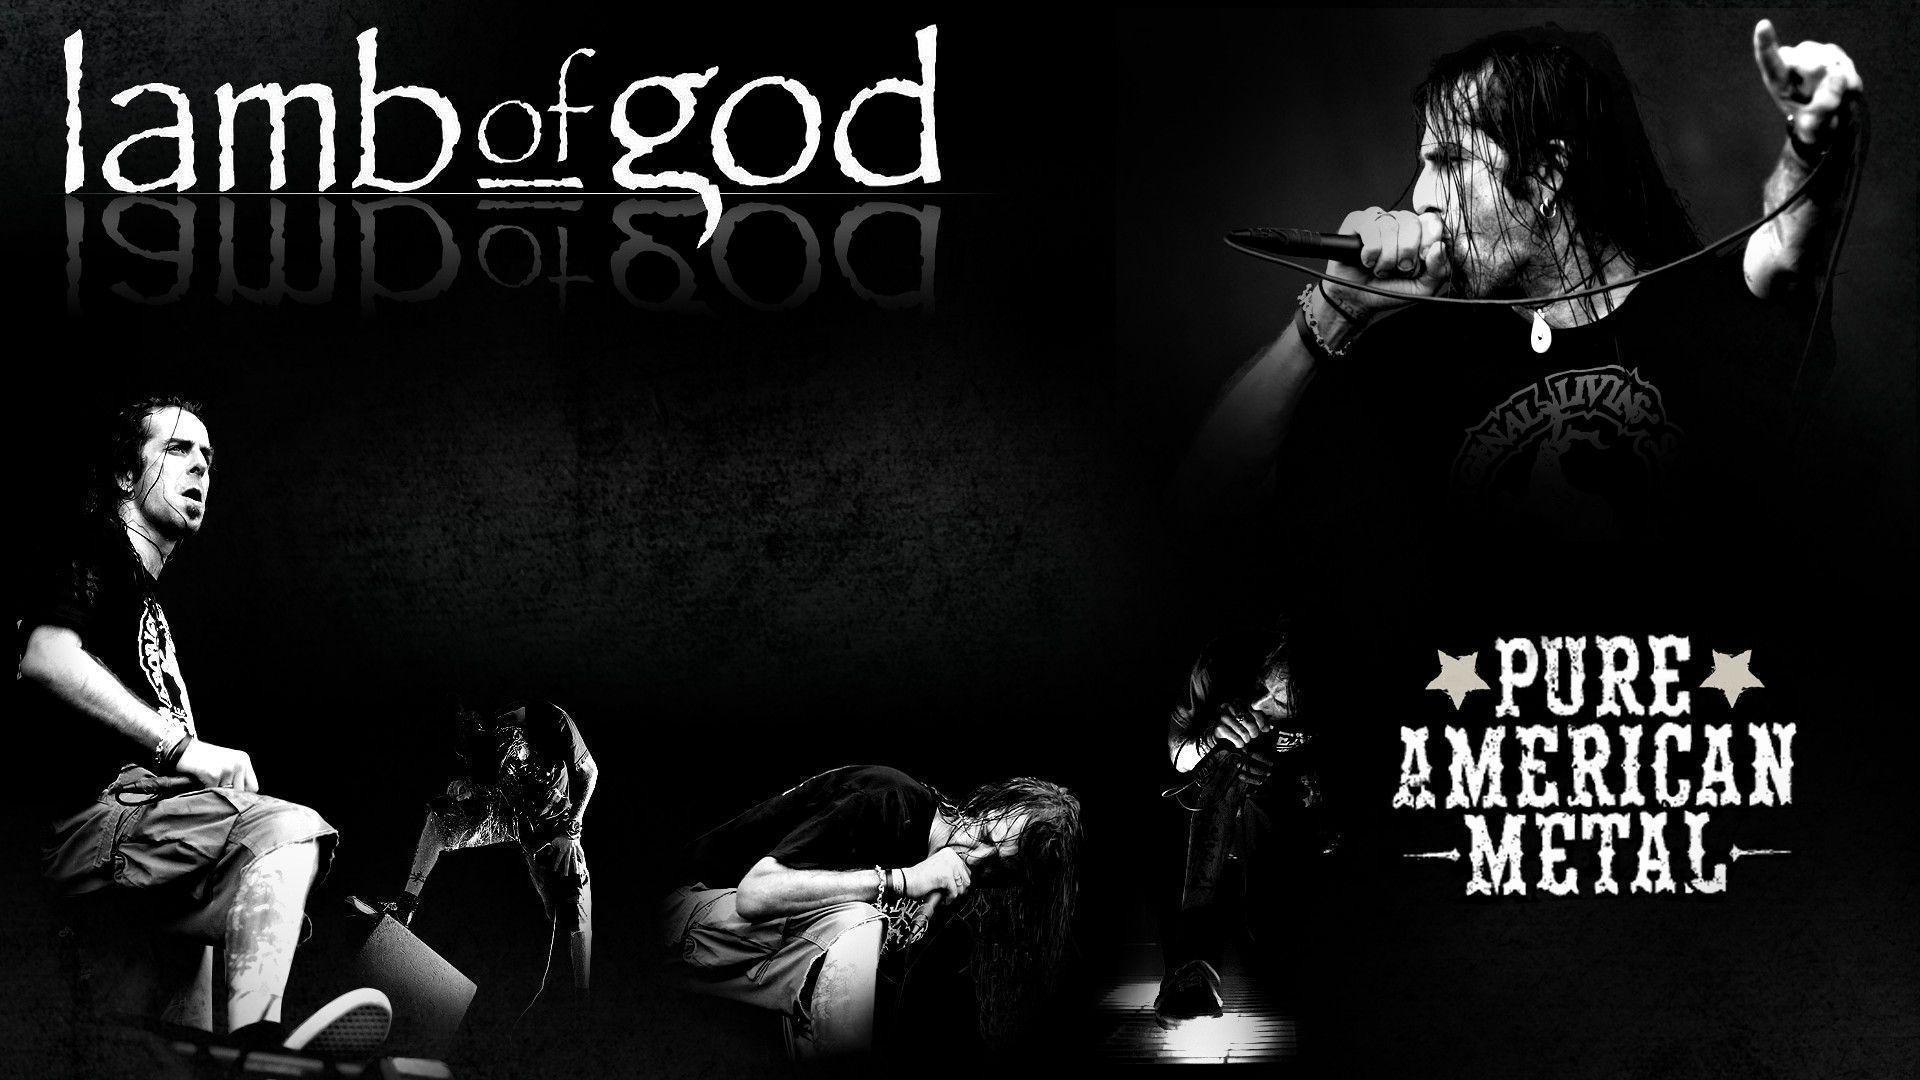 Lamb of God Pure American Metal Music HD Wallpaper Download .